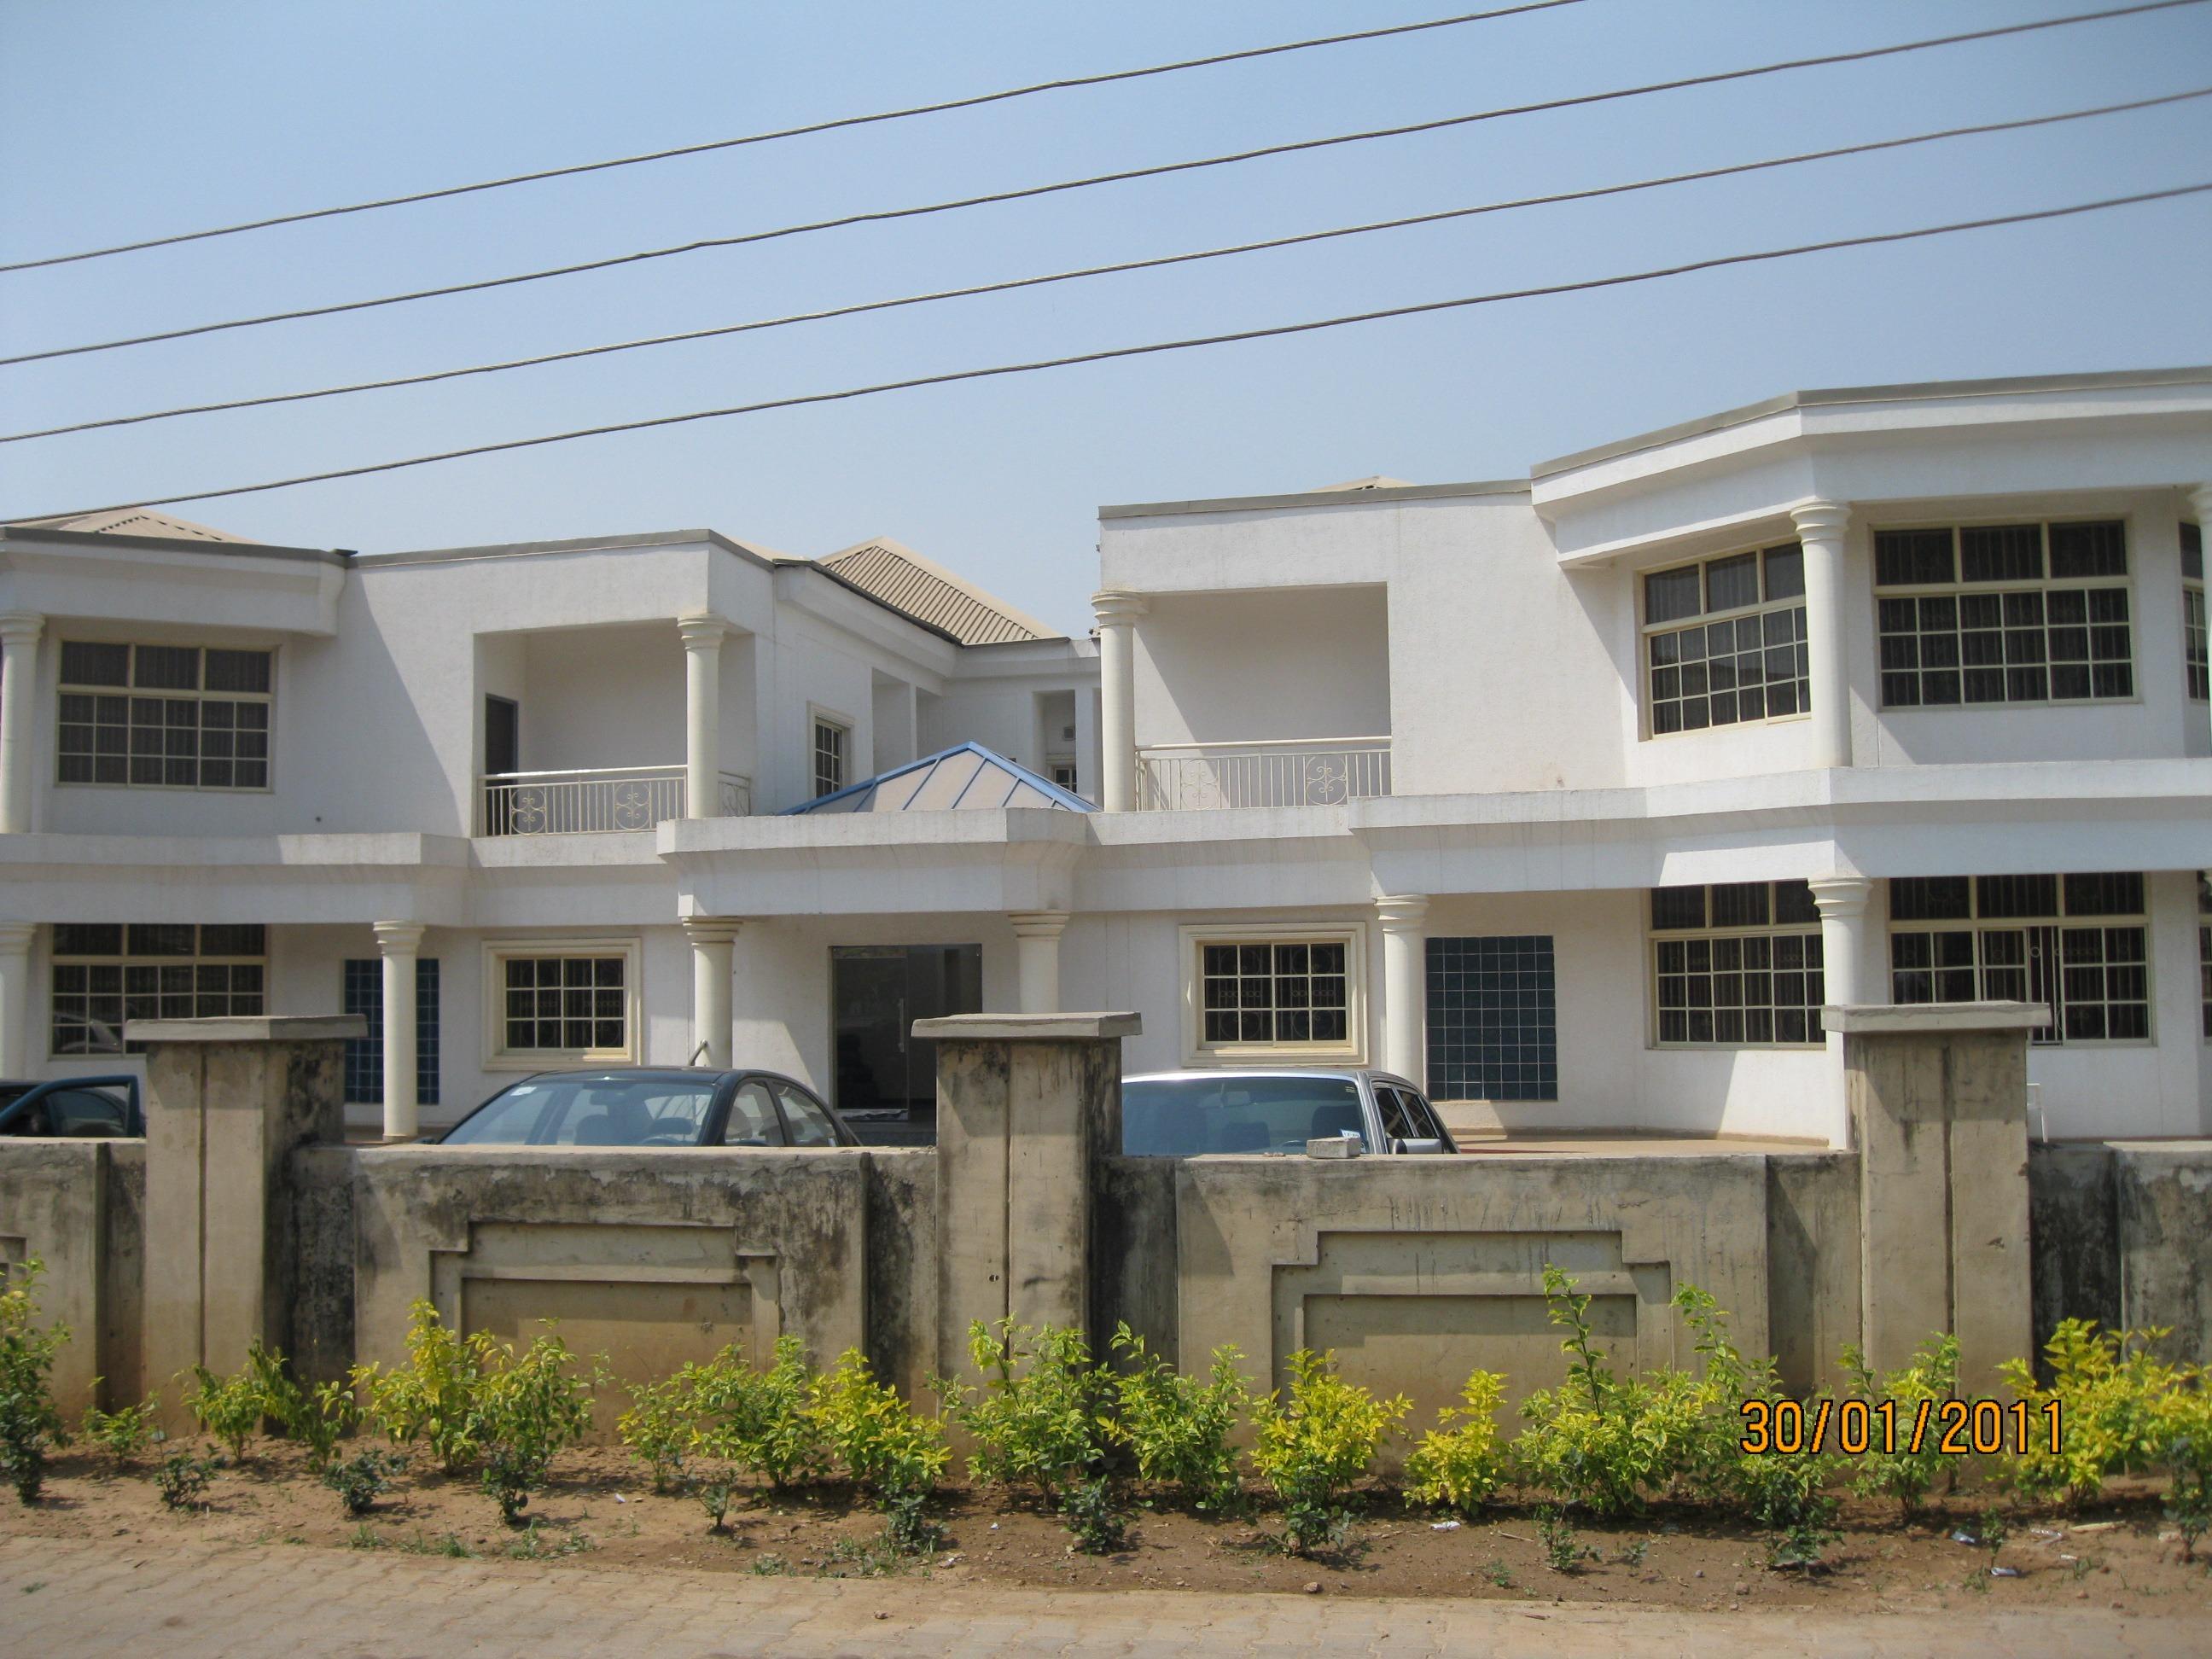 Architecture villa manoir maison bâtiment maison urbain banlieue afrique façade propriété appartement hôpital biens bâtiment commercial